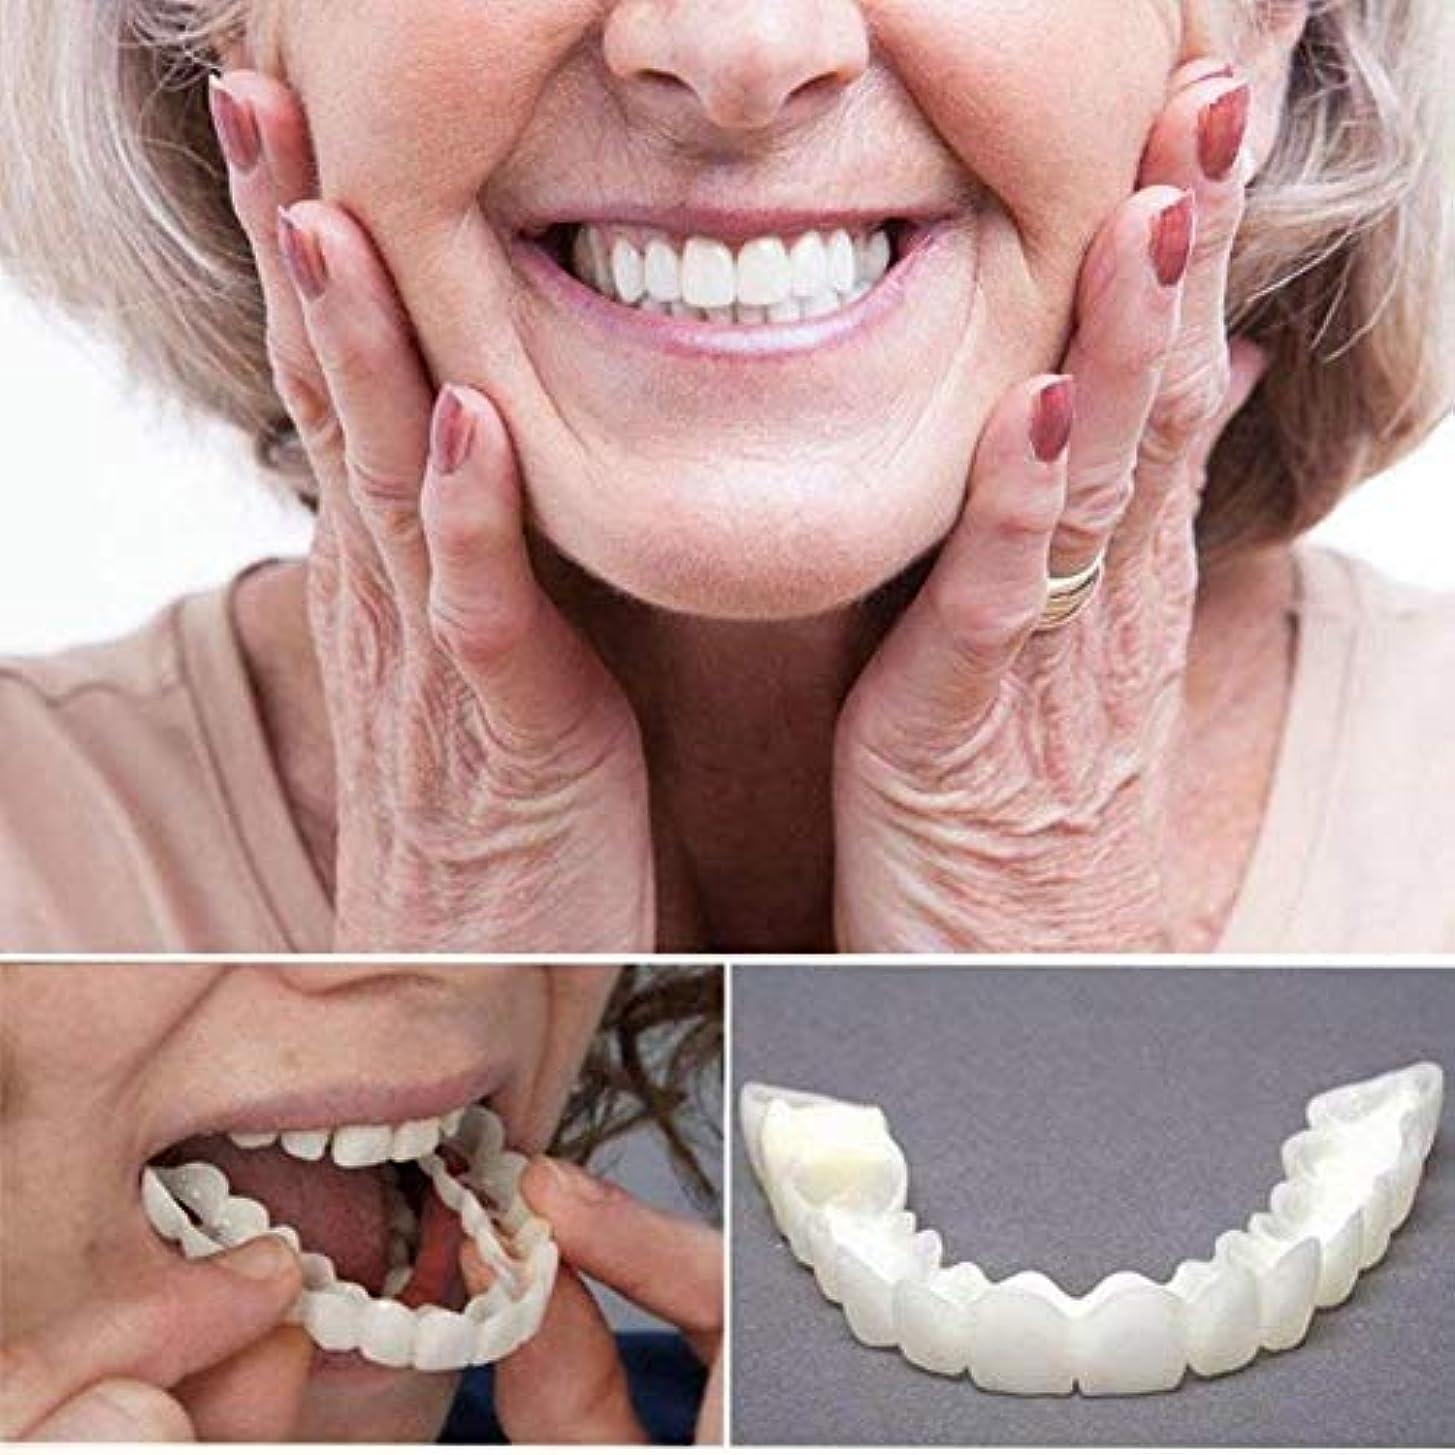 シールドひまわり感じ化粧品の歯、白い歯をきれいにするためのコンフォートフィットフレックスティースソケット、スーパーコンフォート、コンフォートフィット、1セット.